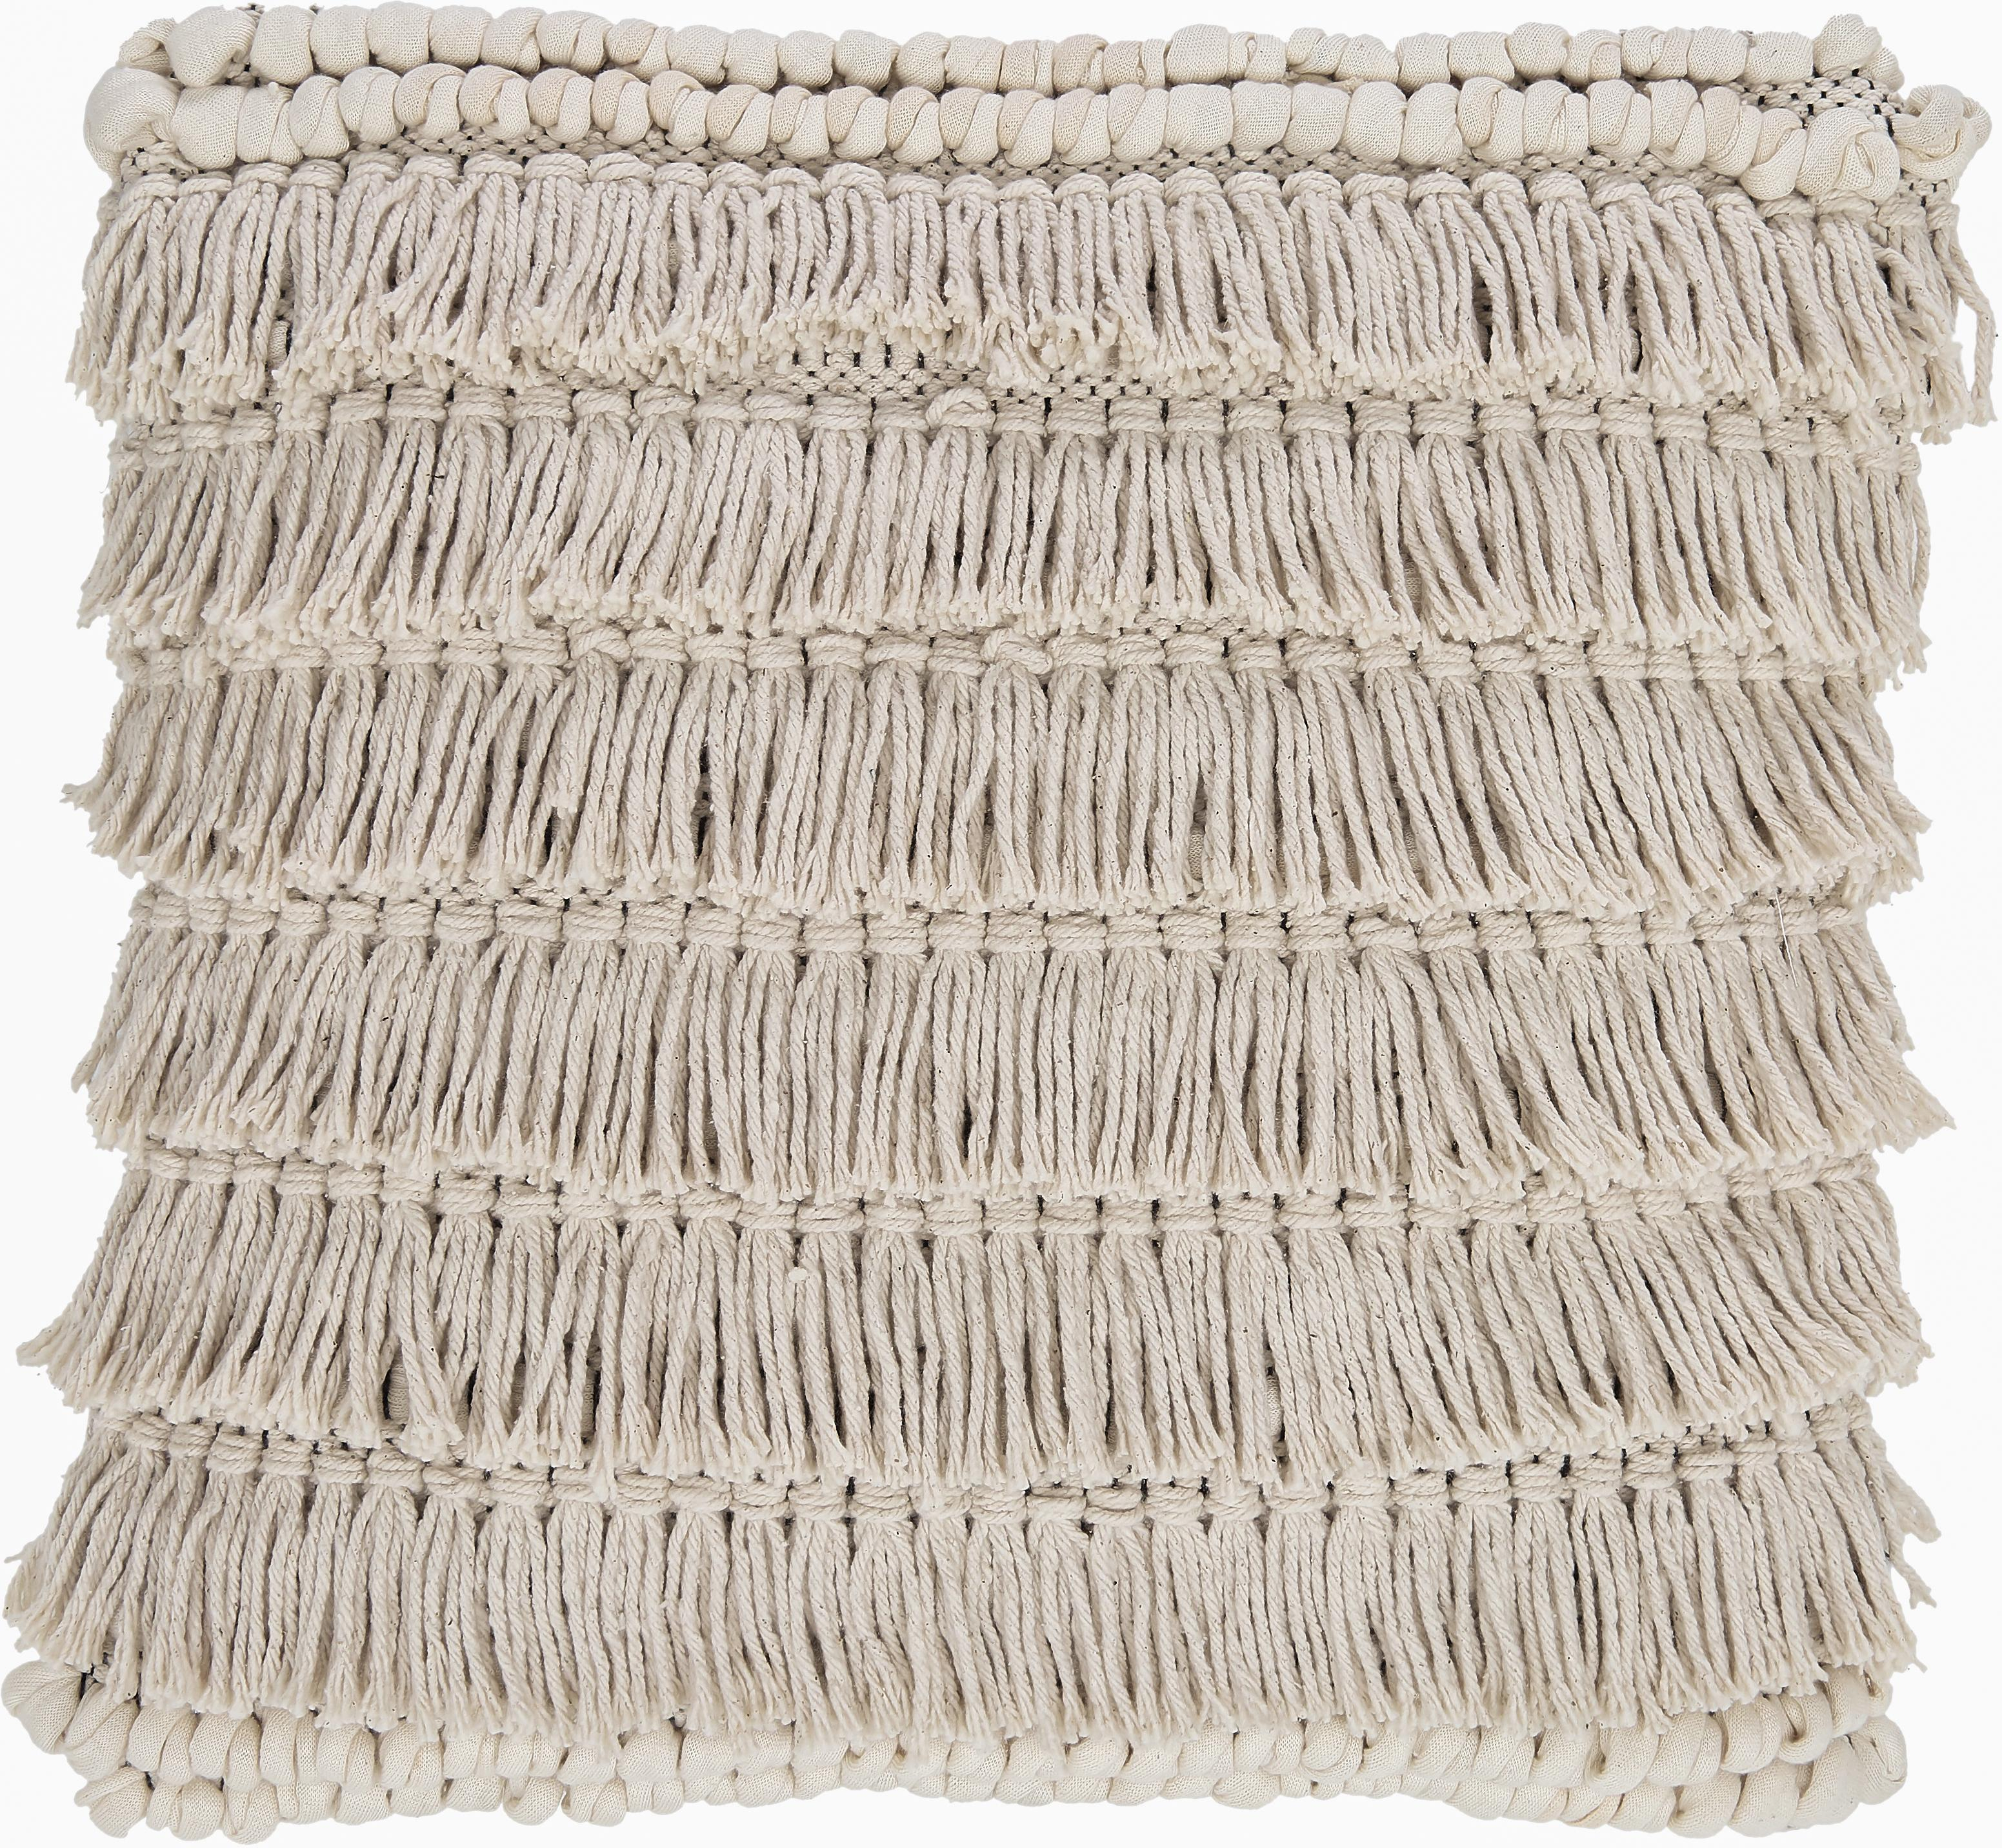 Boho Kissen Tallara, mit Inlett, Bezug: 100% recycelte Baumwolle, Cremefarben, 45 x 45 cm